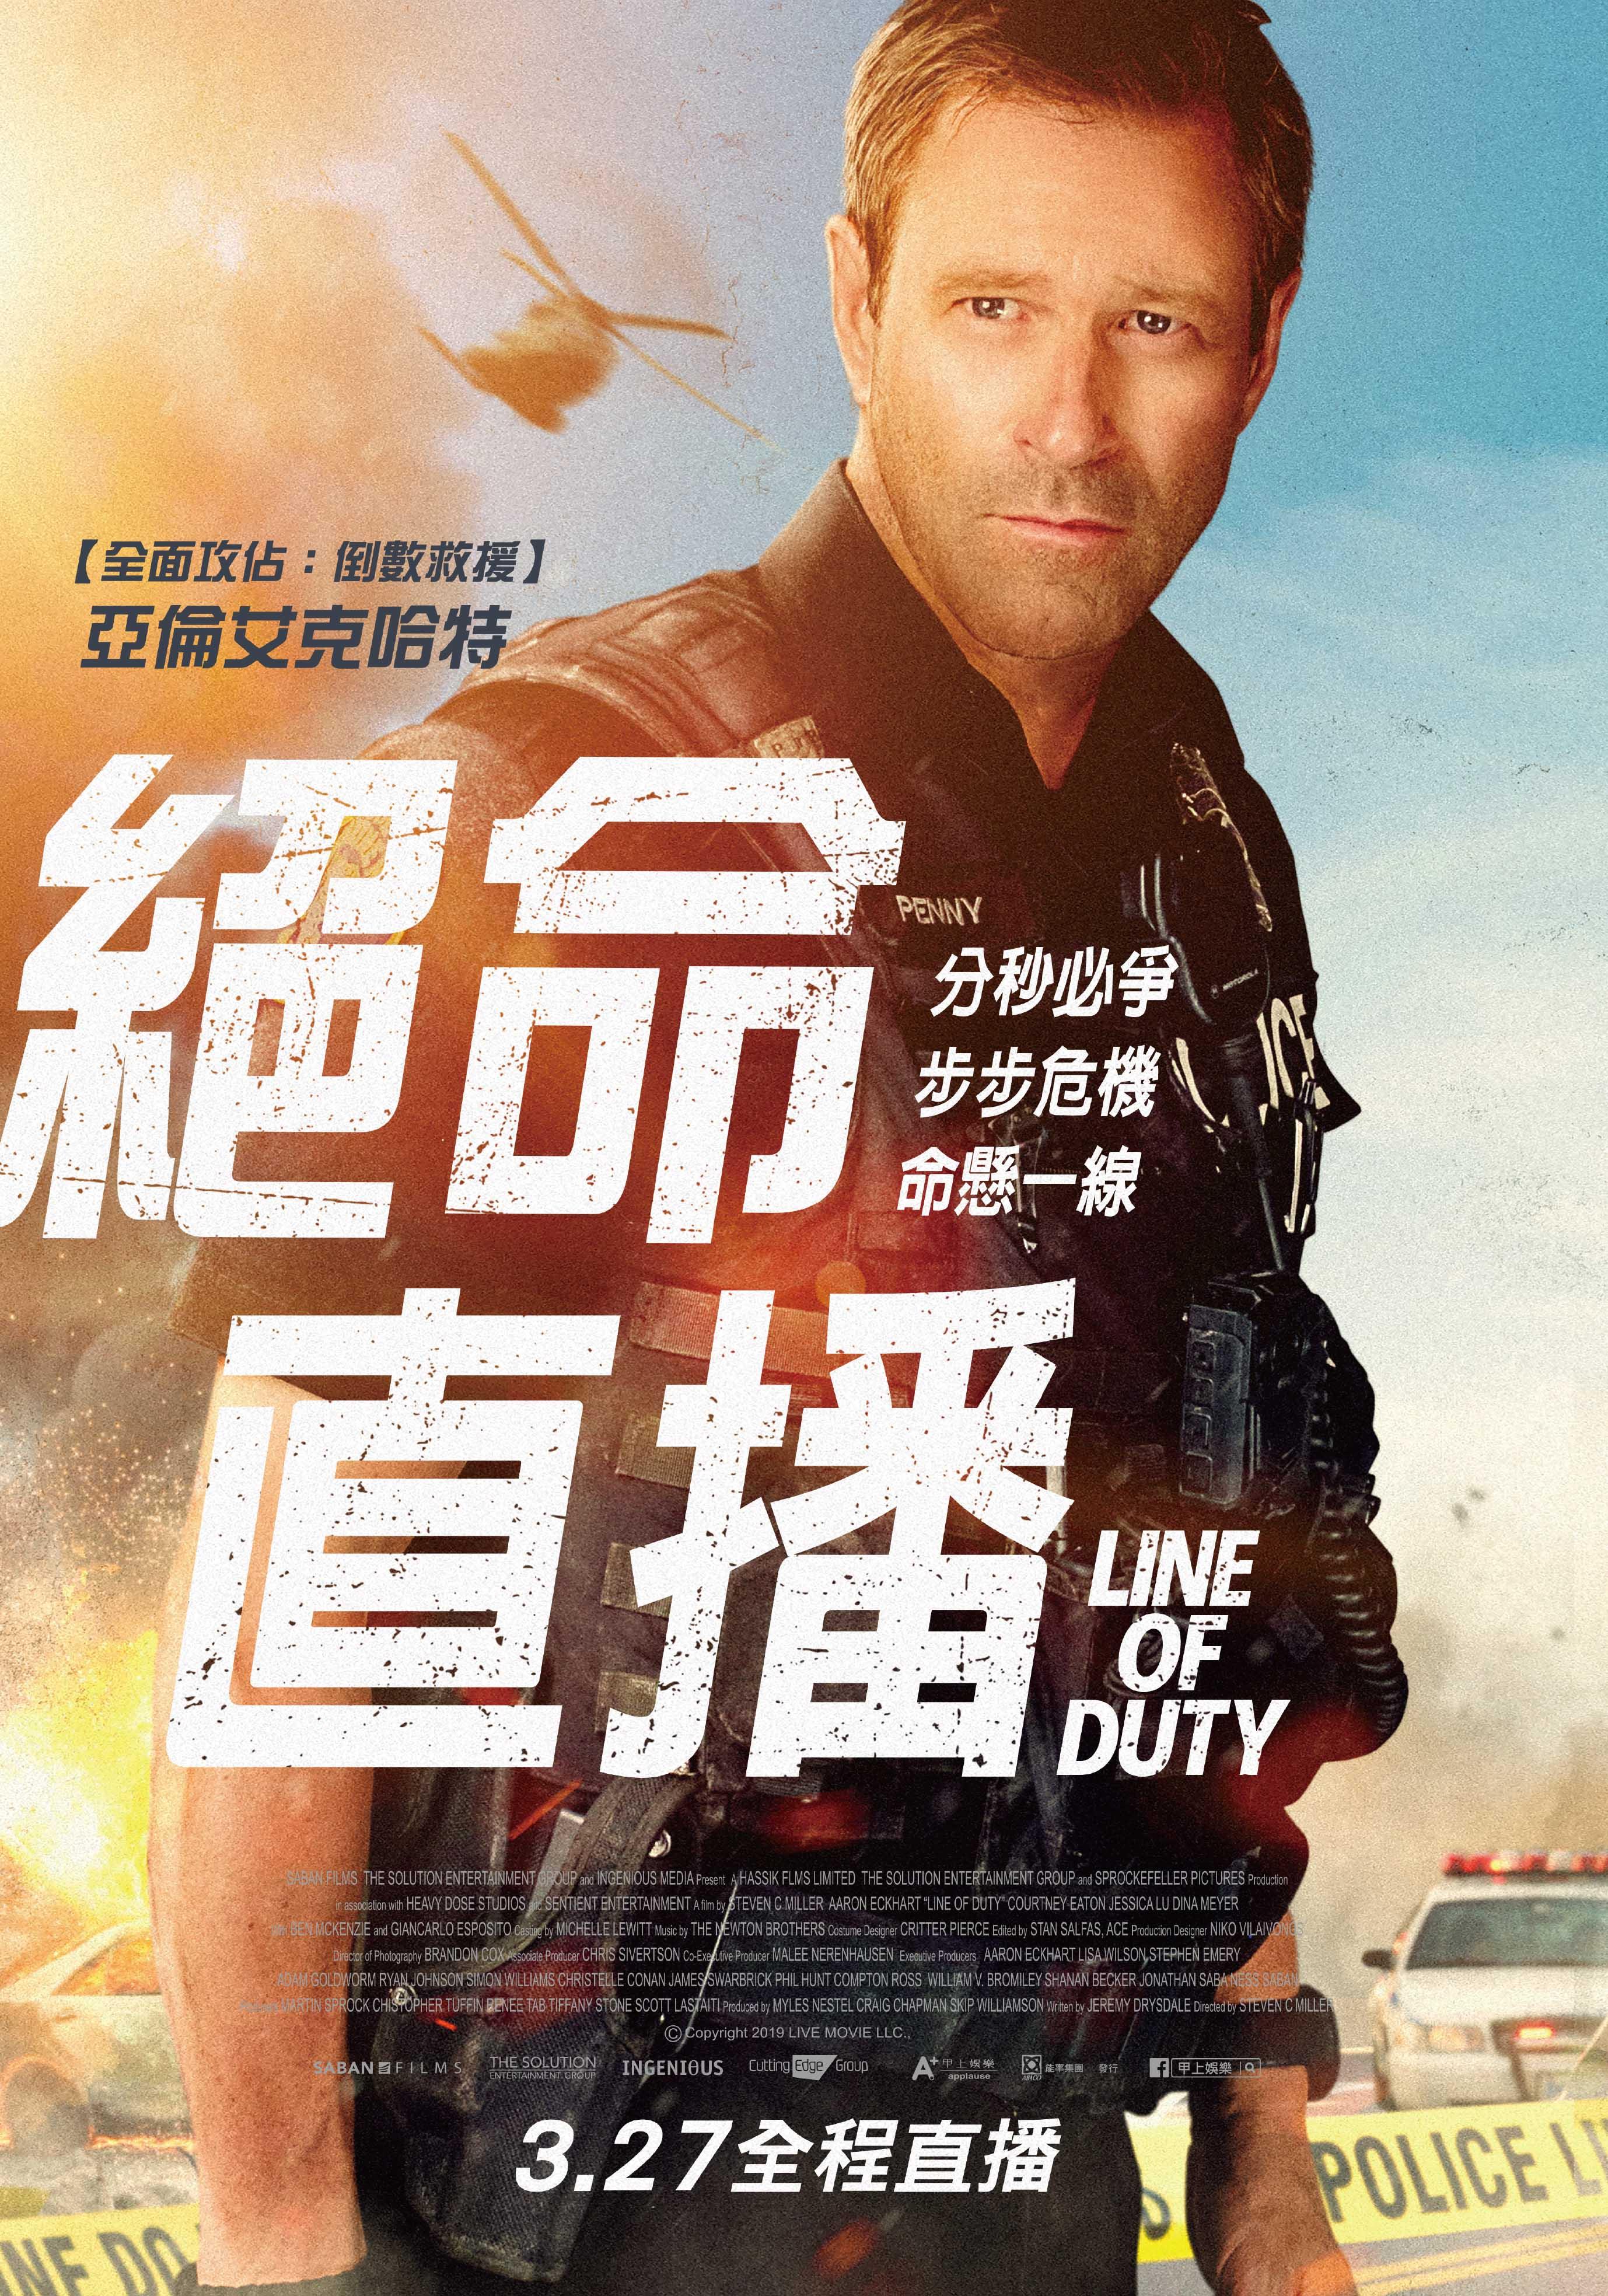 合作無數好萊塢影帝后!最強綠葉亞倫艾克哈特變身超猛警官爆破、槍戰、飛車追逐全都來 警匪動作電影《絕命直播》爽度破錶!